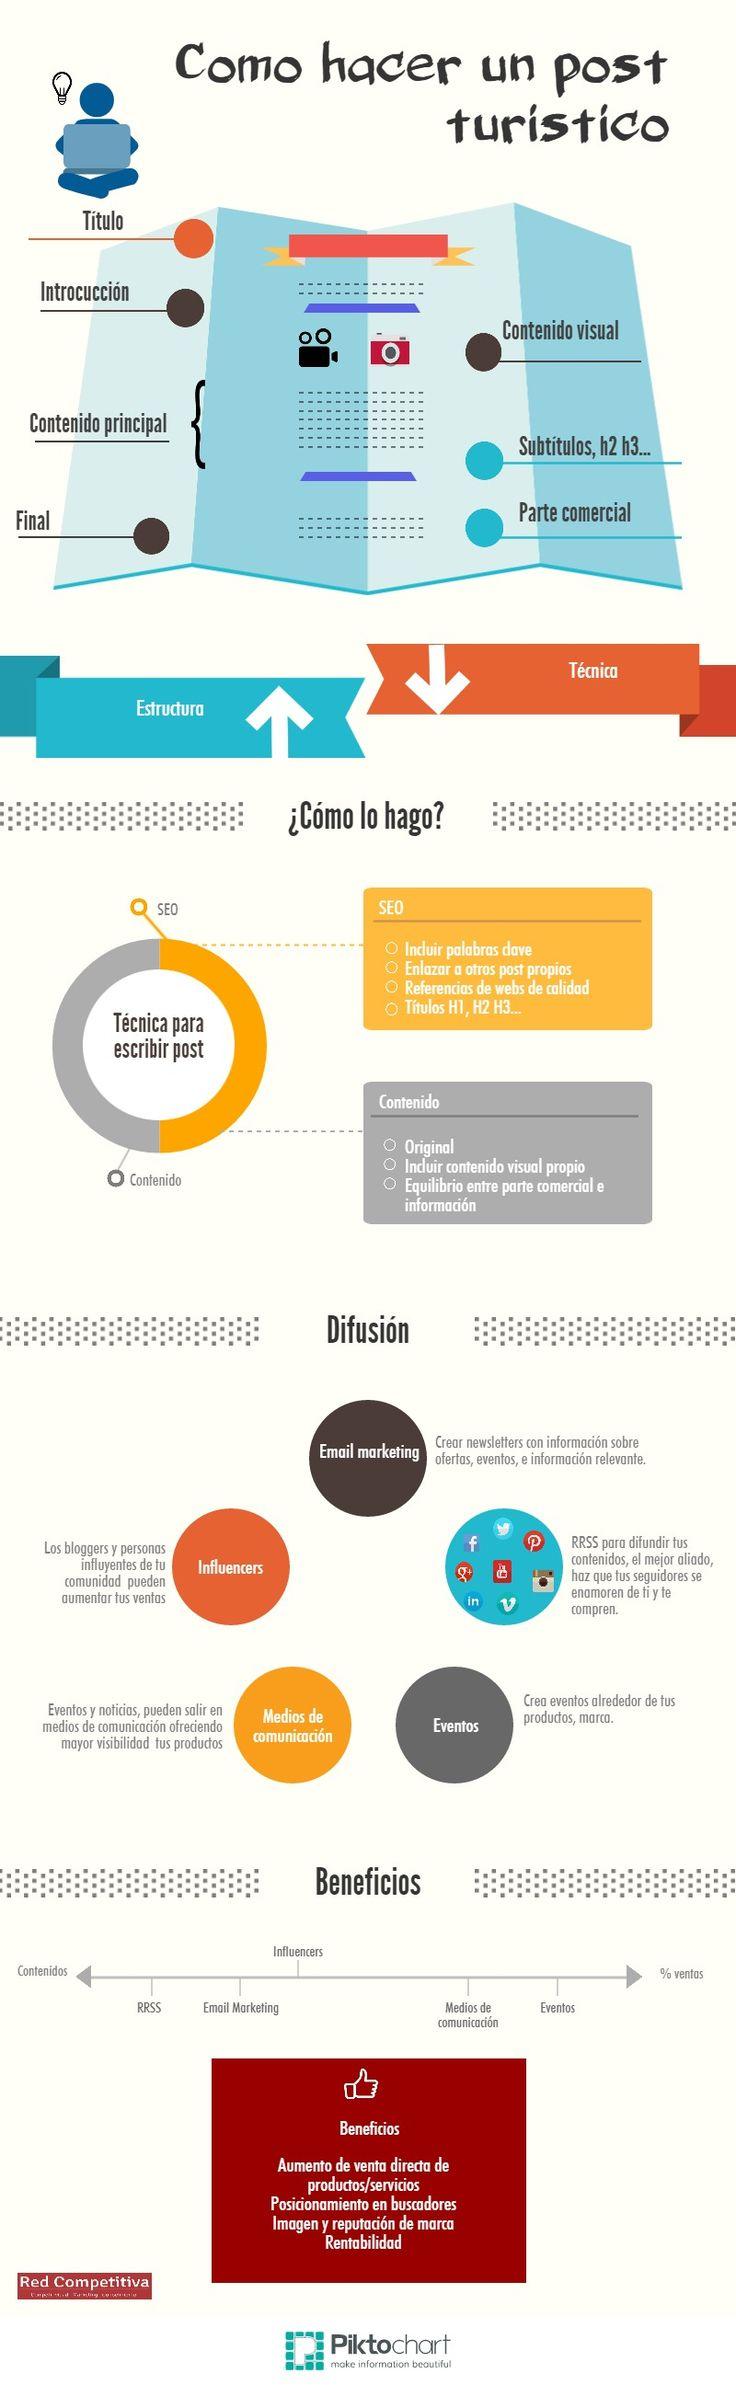 La creación de un post turístico se puede dividir en tres fases: estilo, estructura y técnica. Infografía